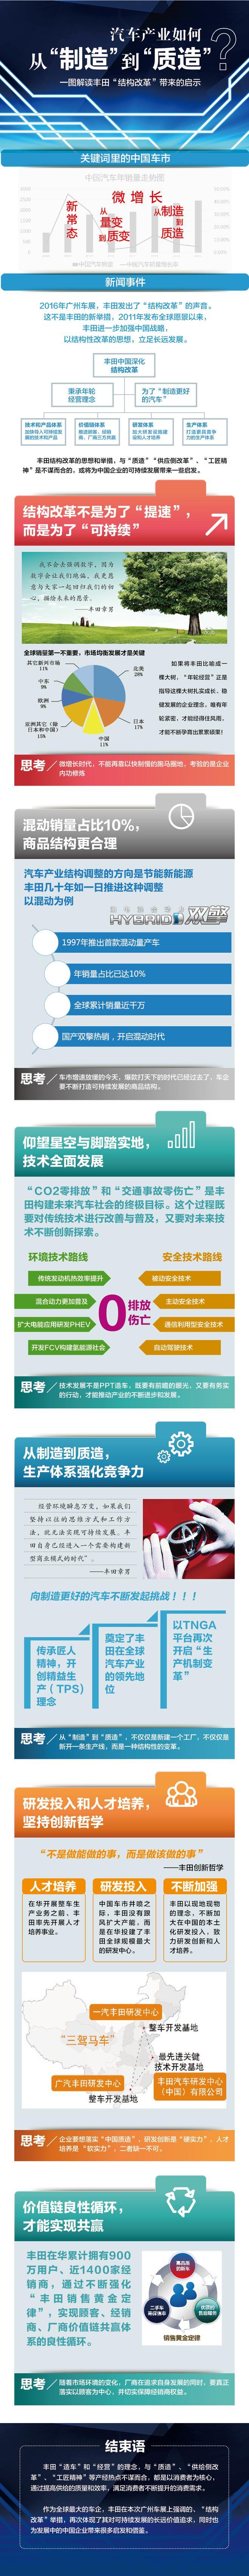 一图解析丰田中国结构改革